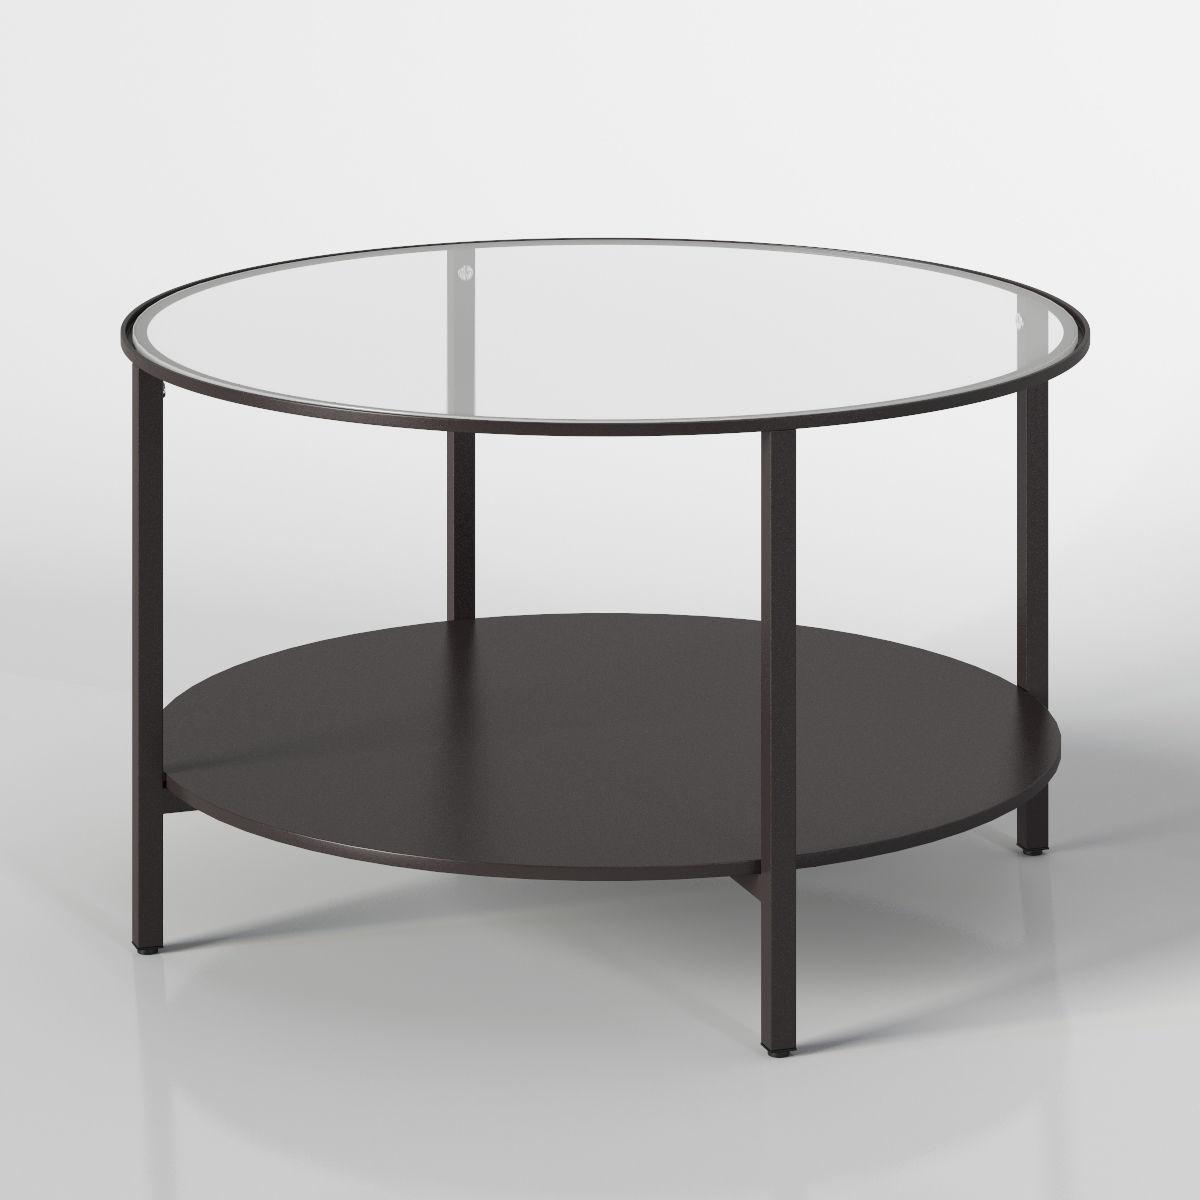 Ikea Vittsjo Coffee Table 3d Model Max Obj 3ds Fbx Mtl Mat 2